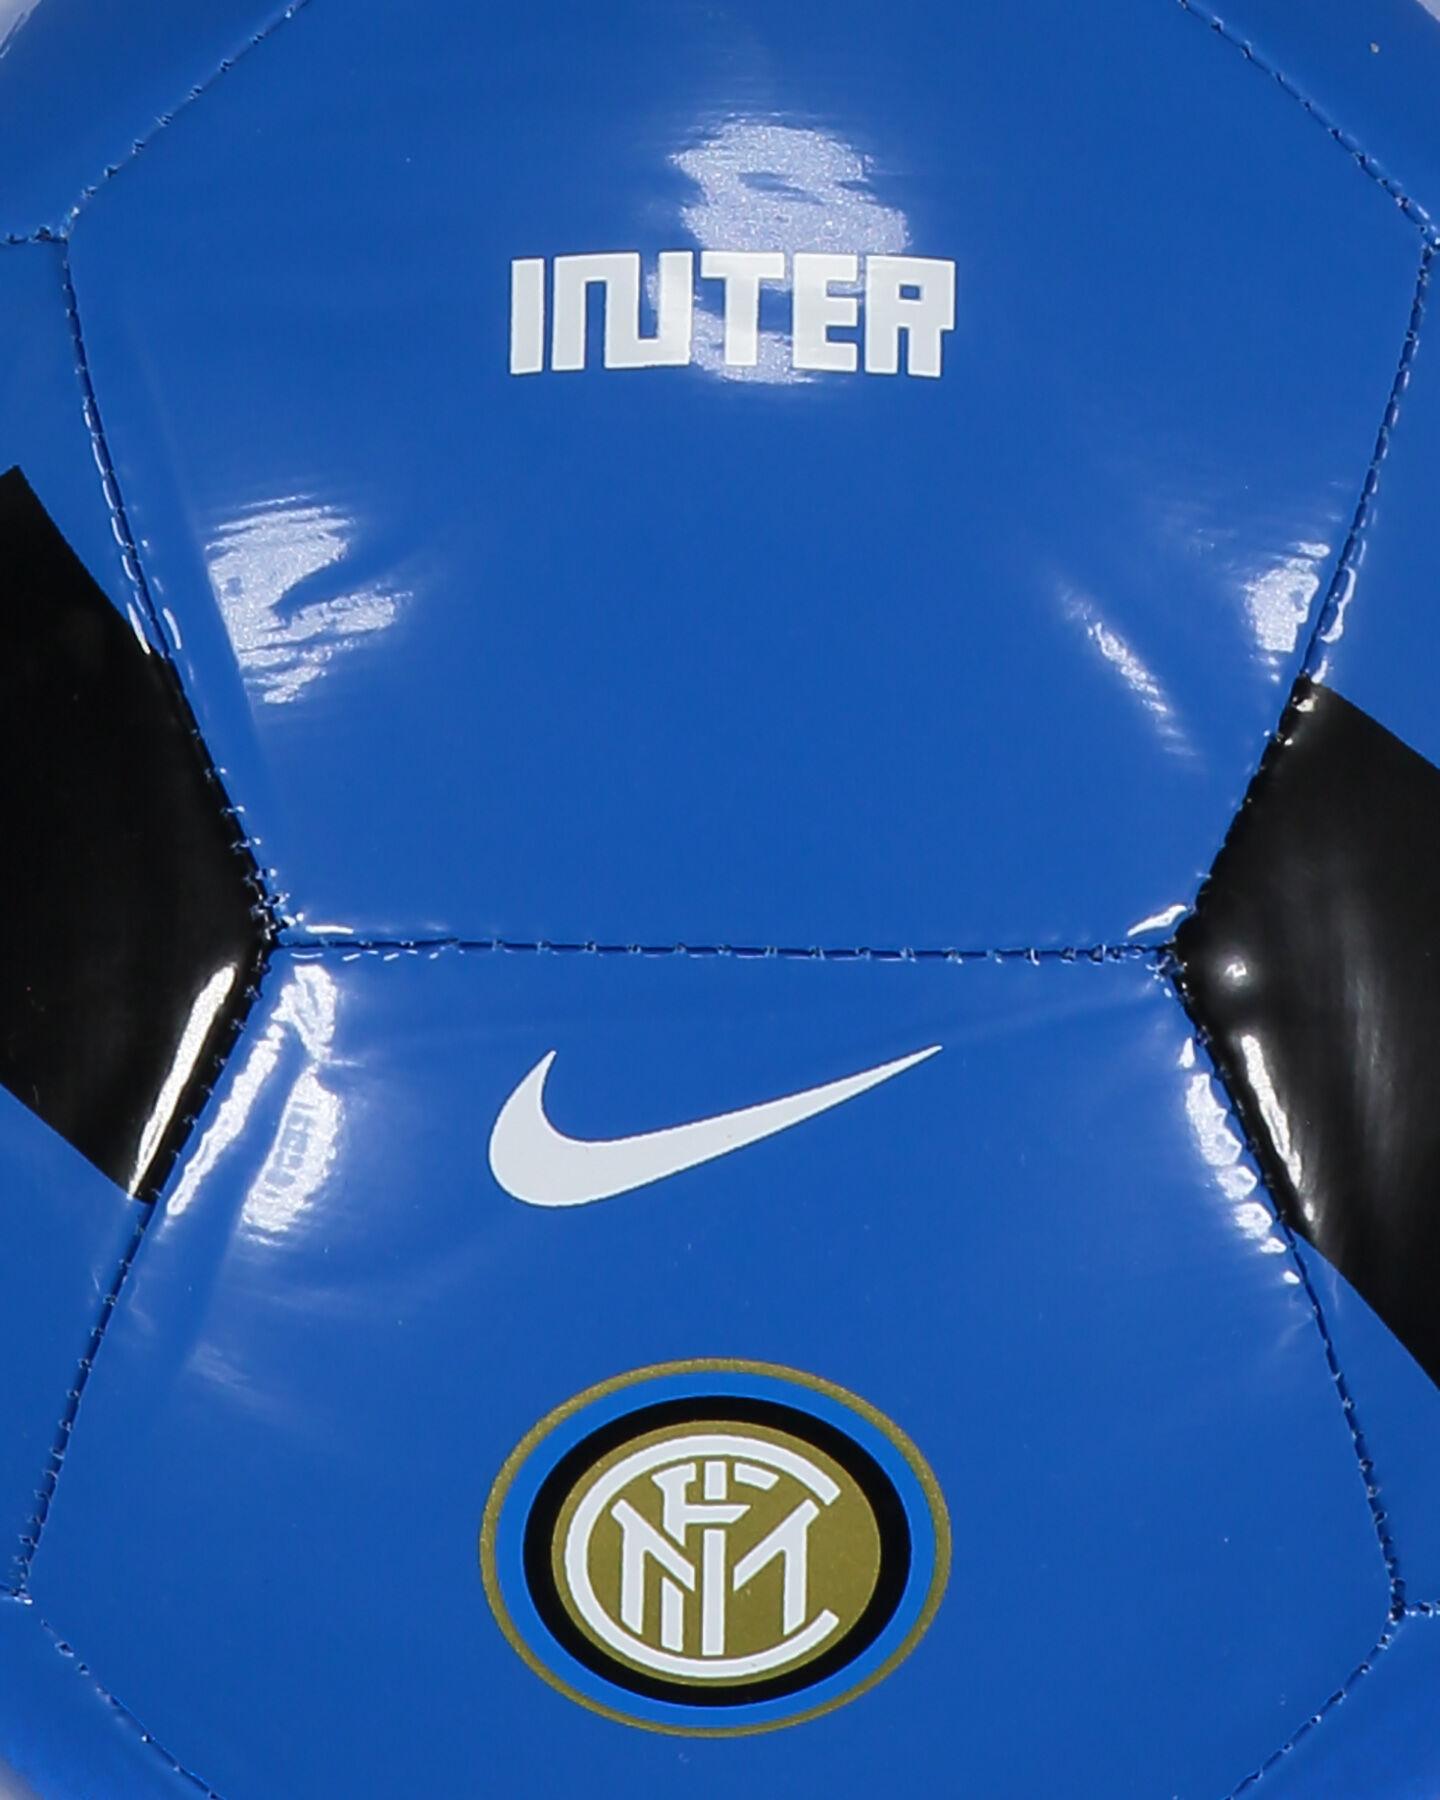 Pallone calcio NIKE INTER STRIKE 20/21 S5223084|413|5 scatto 2